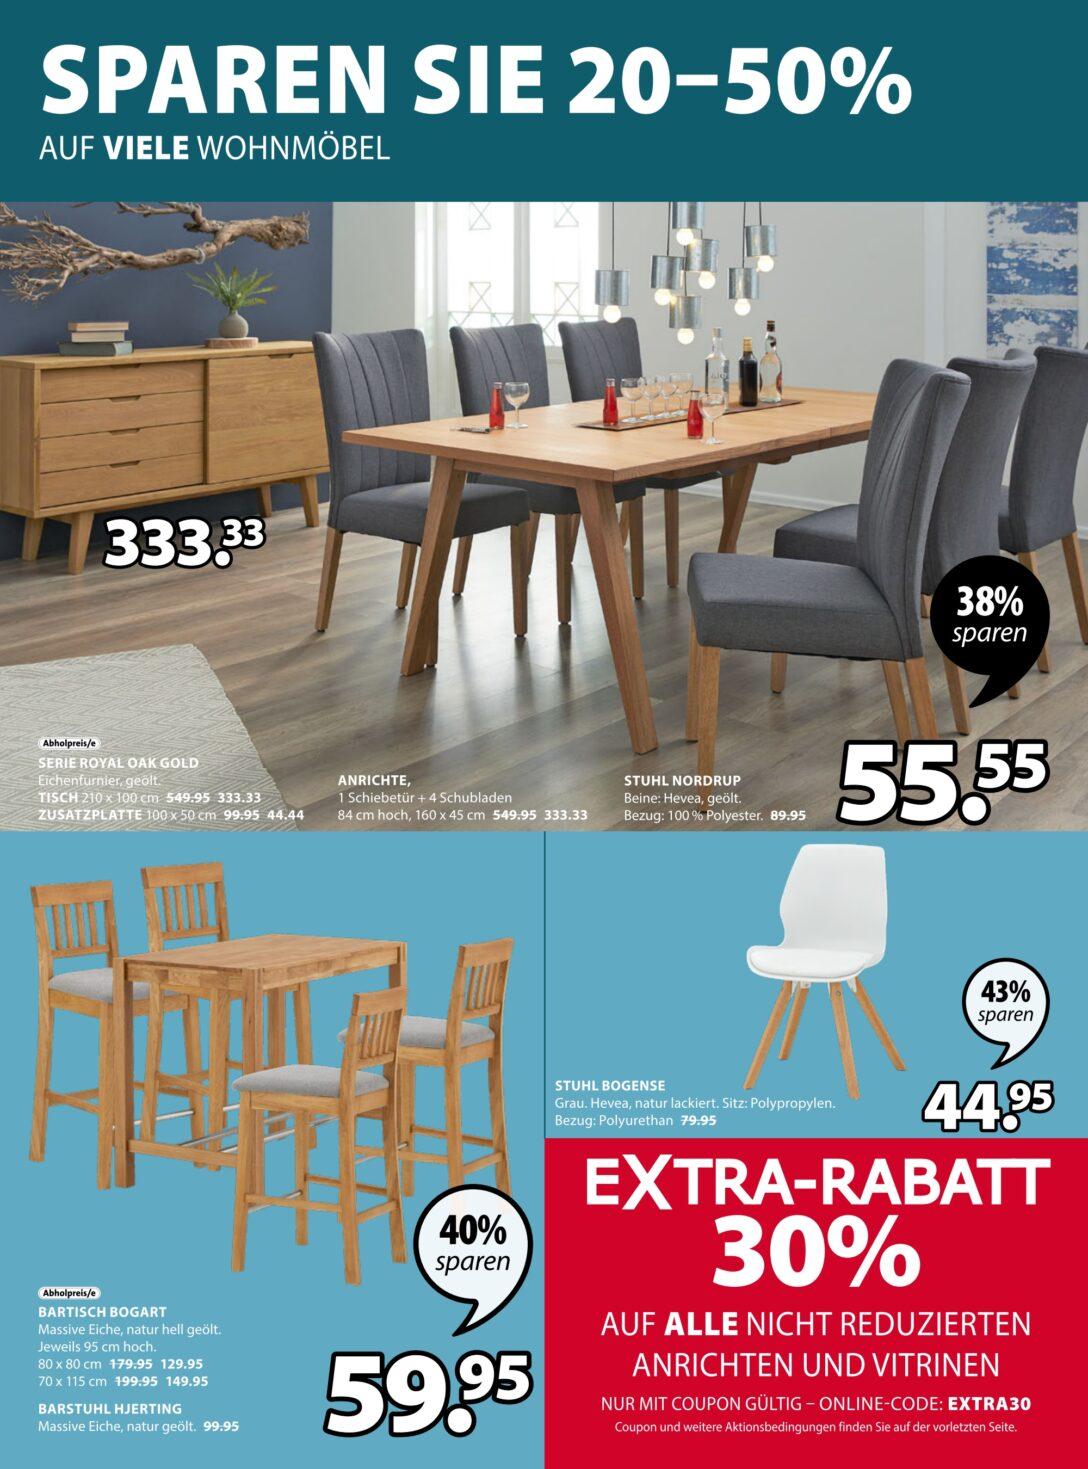 Large Size of Dänisches Bettenlager Bartisch Bogart Im Angebot Bei Dnisches Kupinode Küche Badezimmer Wohnzimmer Dänisches Bettenlager Bartisch